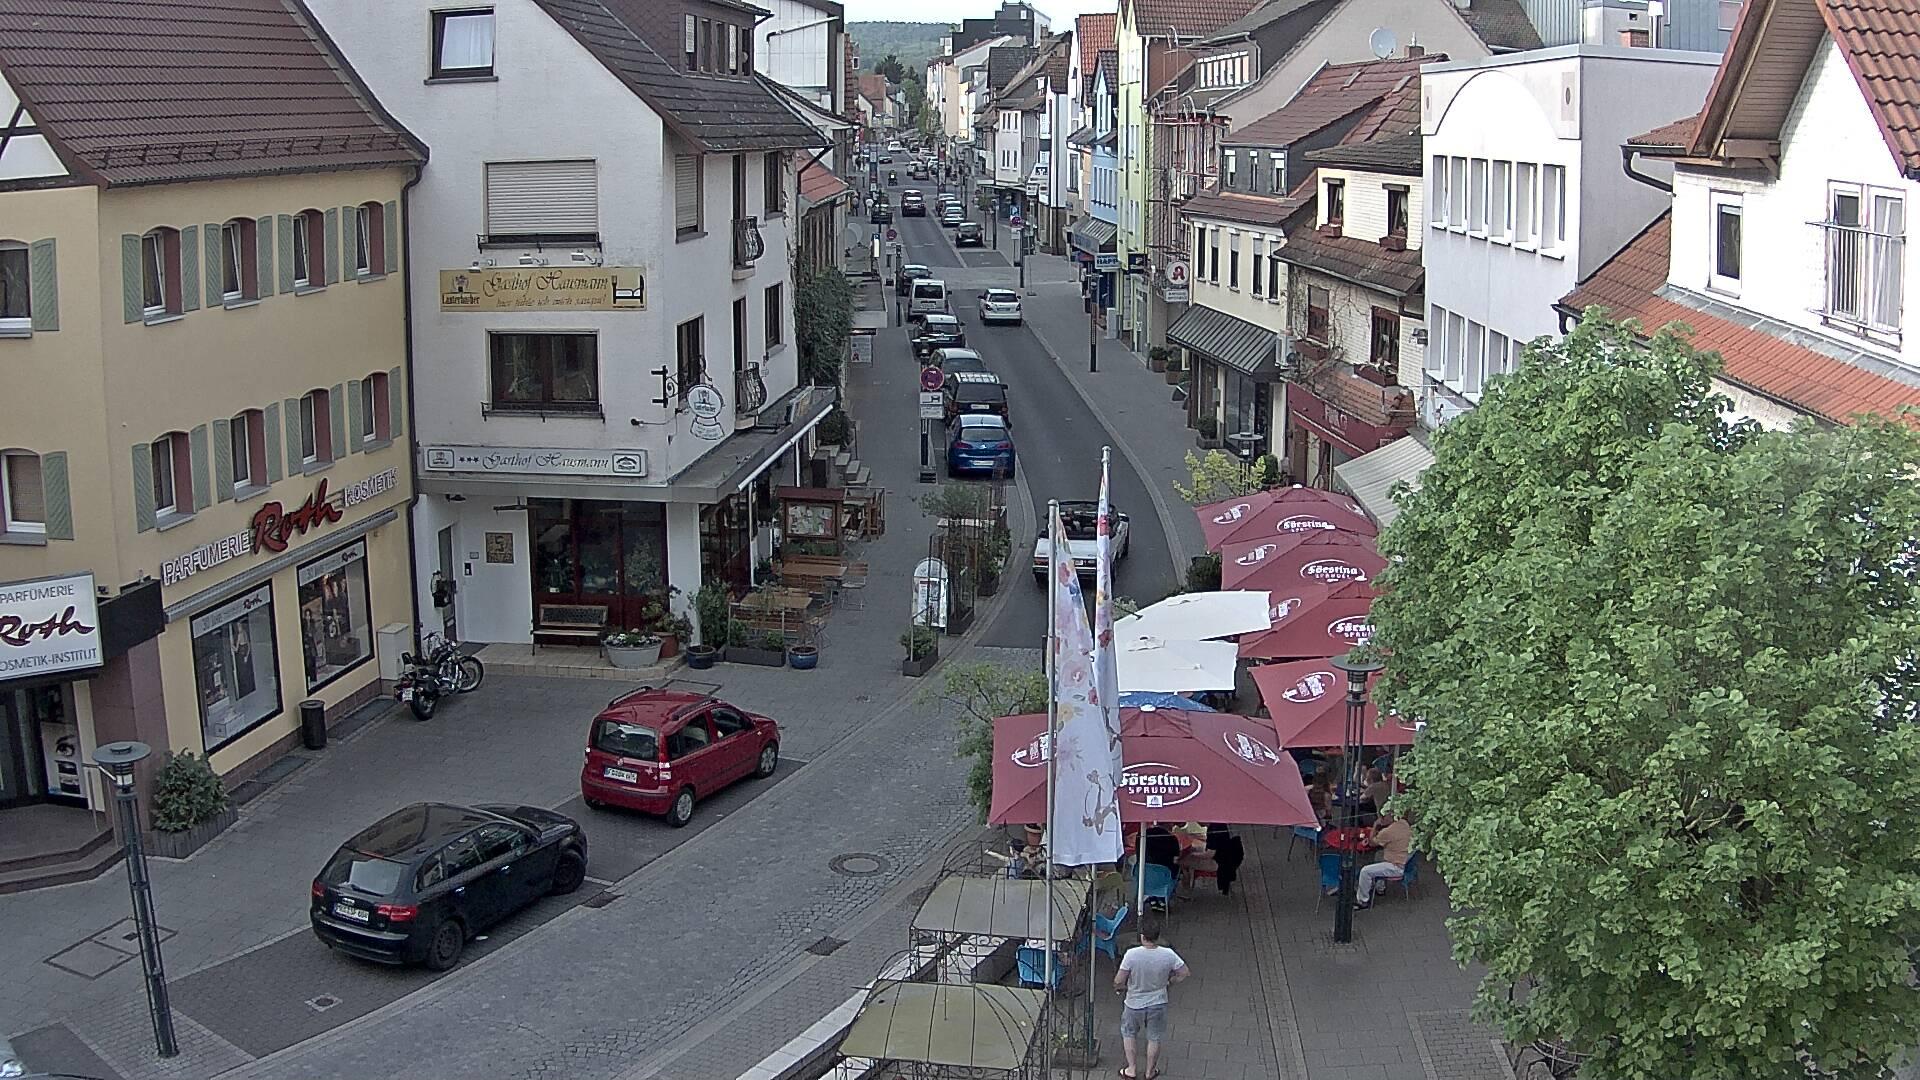 Blick von oben in eine belebte Straße mit breiten Gehwegen, rechts und links stehen Häuser. Vorn rechts ein Straßencafé mit Sonnenschirmen